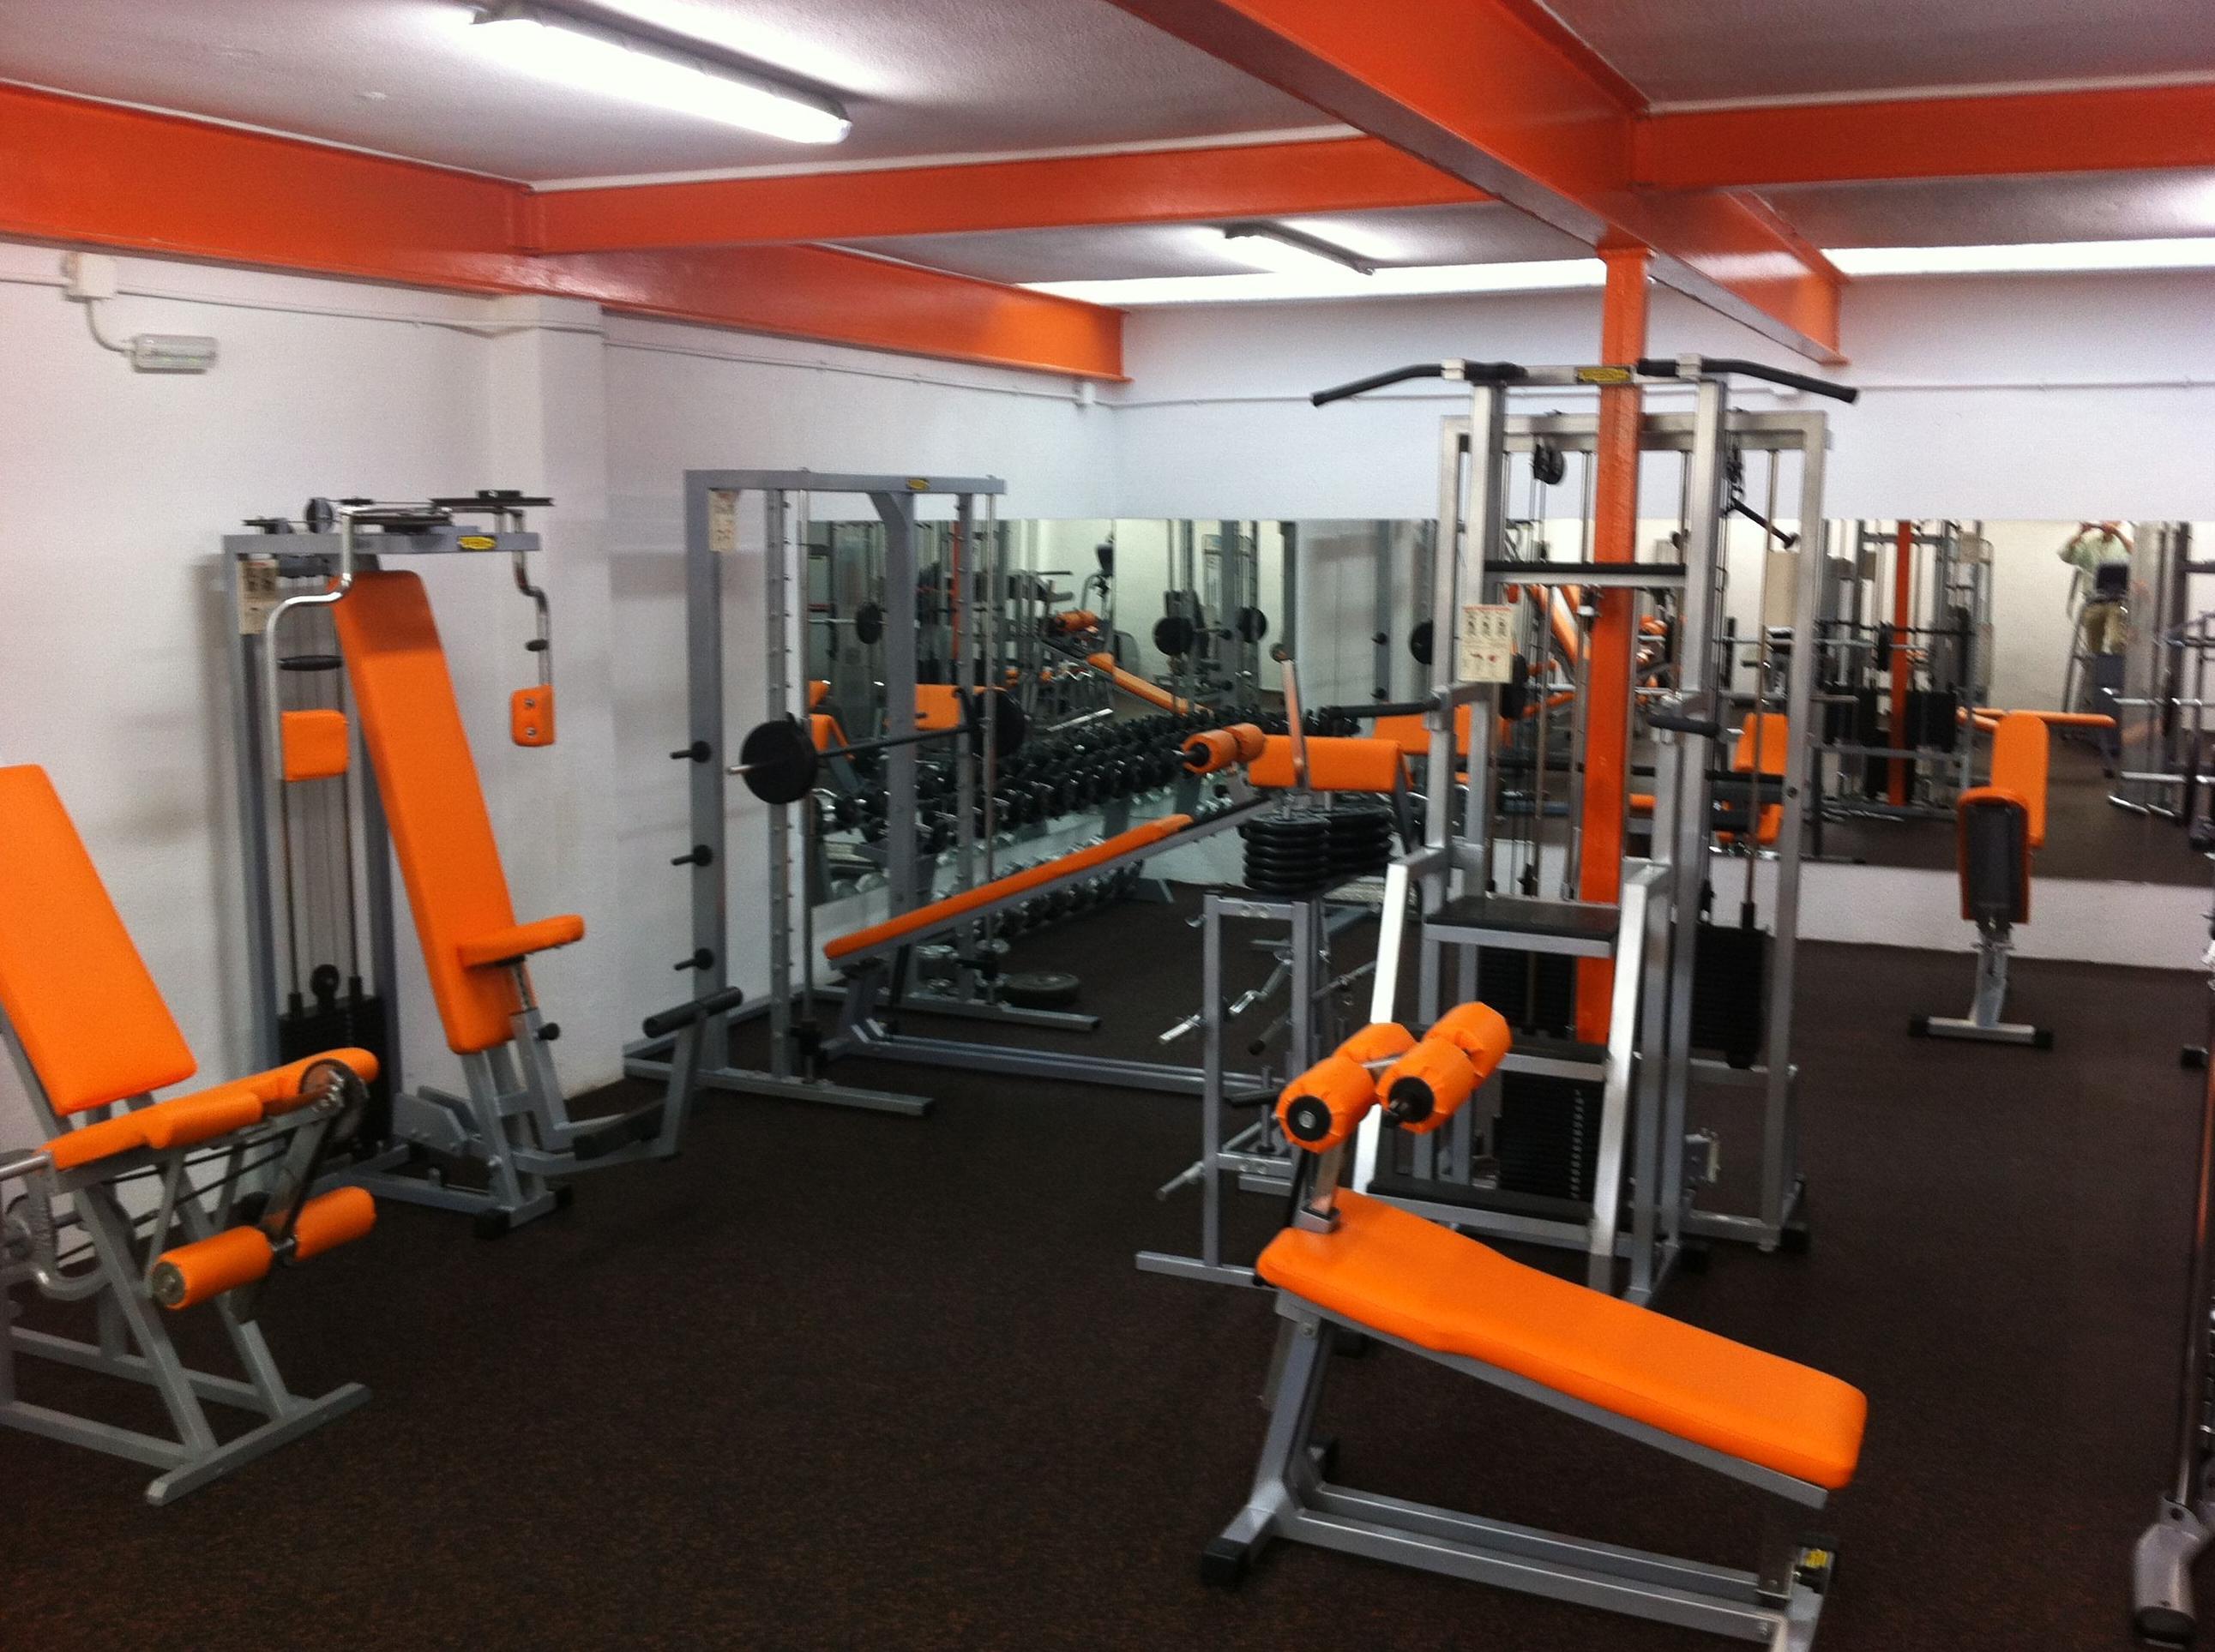 Musculaci n y sala cardio actividades de club nataci n for Gimnasio musculacion